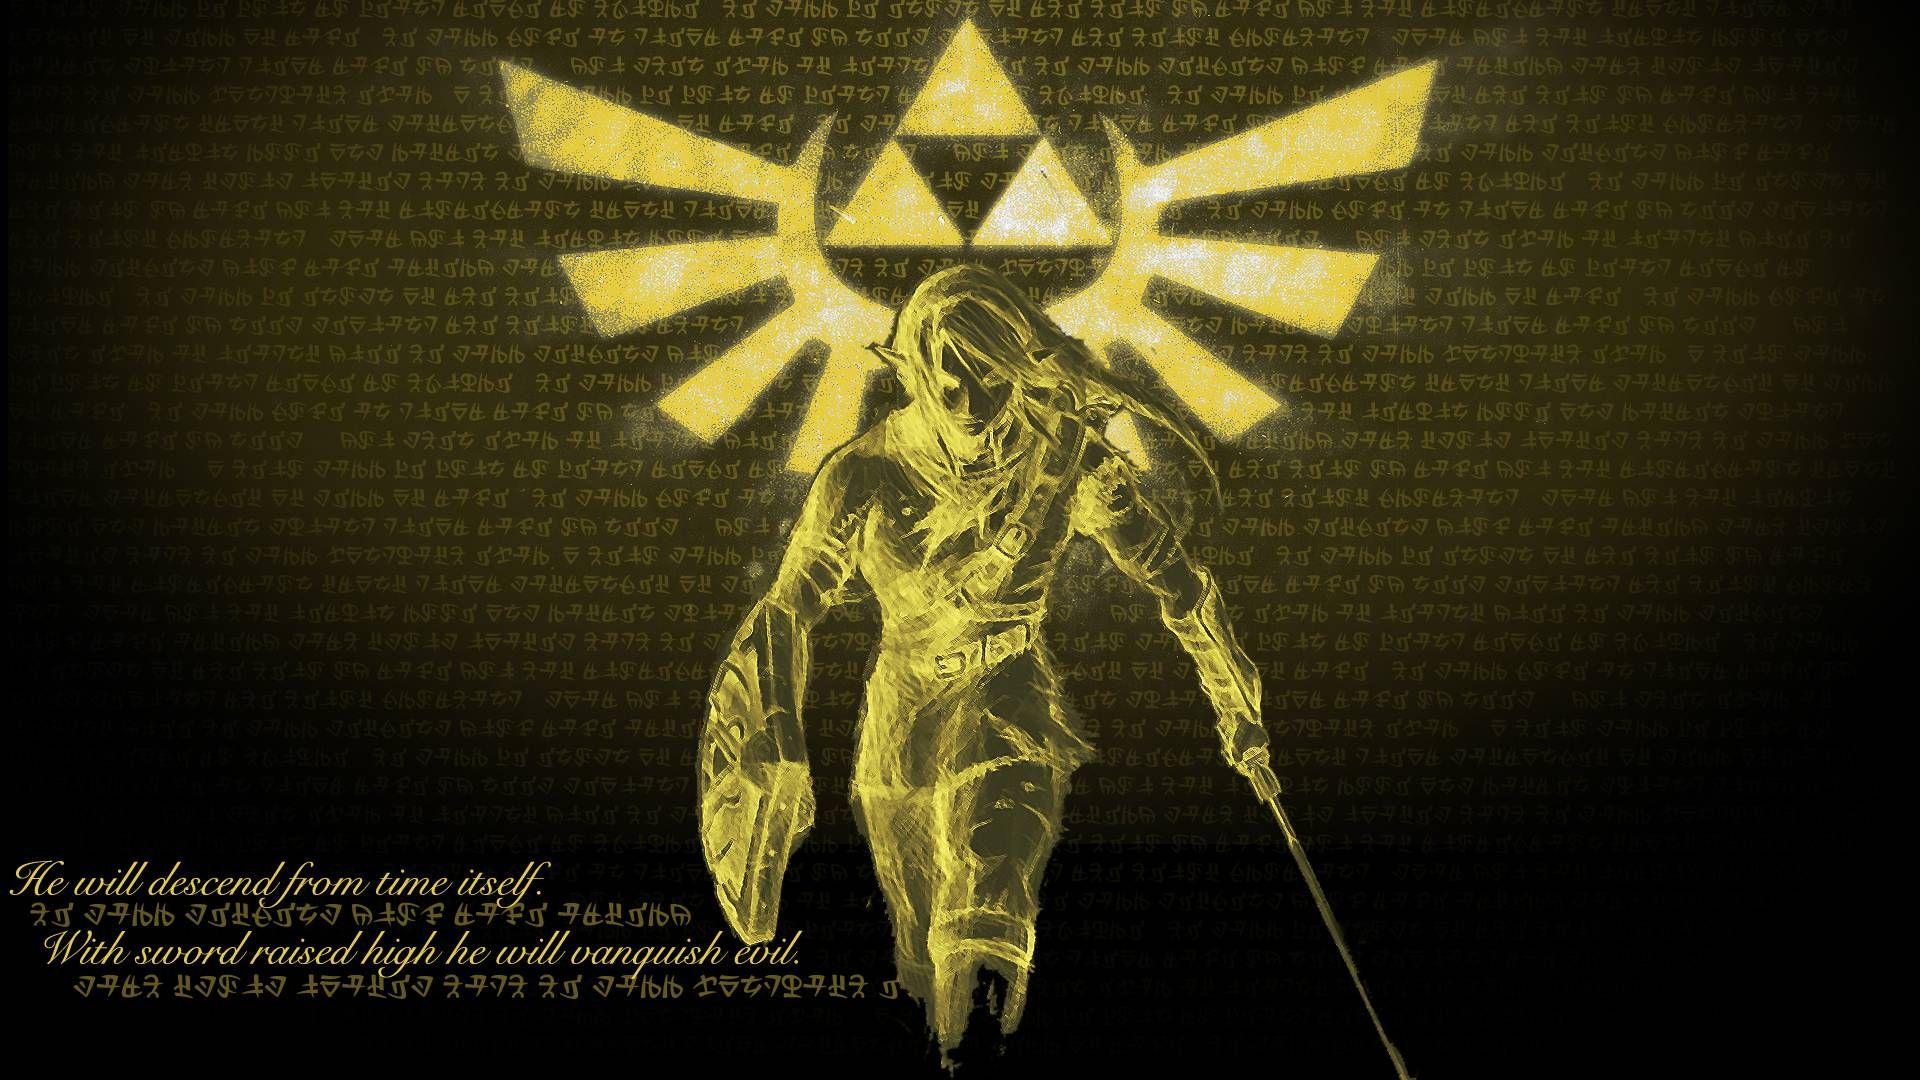 The Legend Of Zelda Master Sword Wallpapers High Quality Resolution Legend Of Zelda Zelda Hd Hd Wallpaper